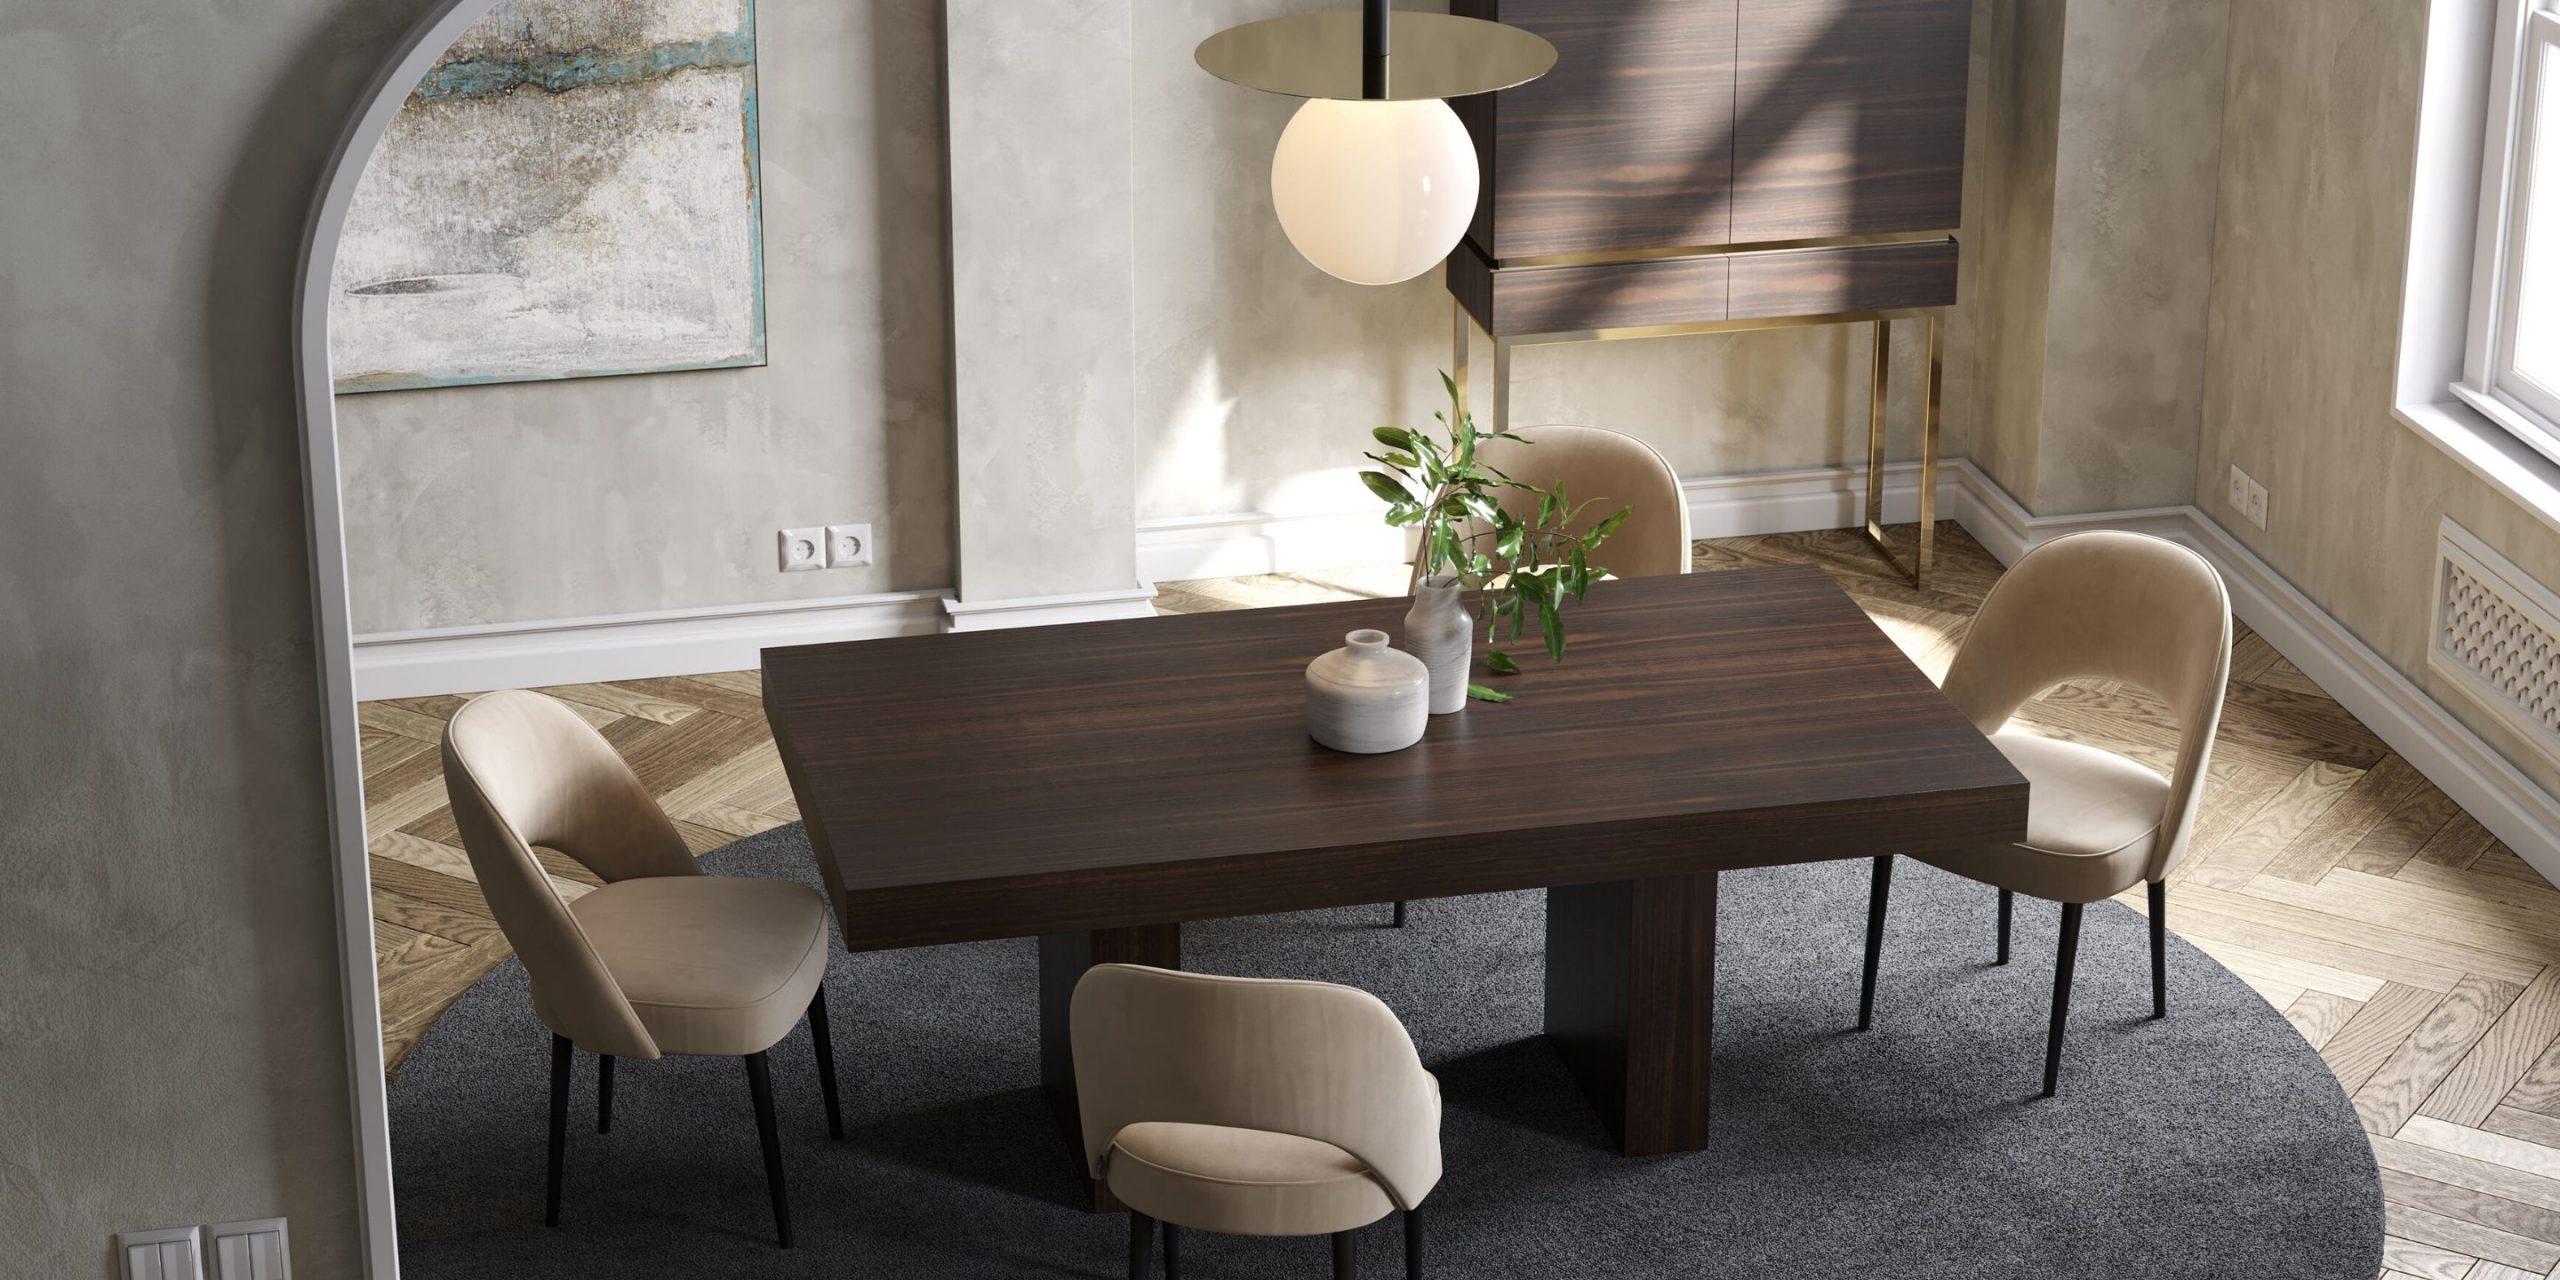 sala de jantar laskasas com decoração moderna